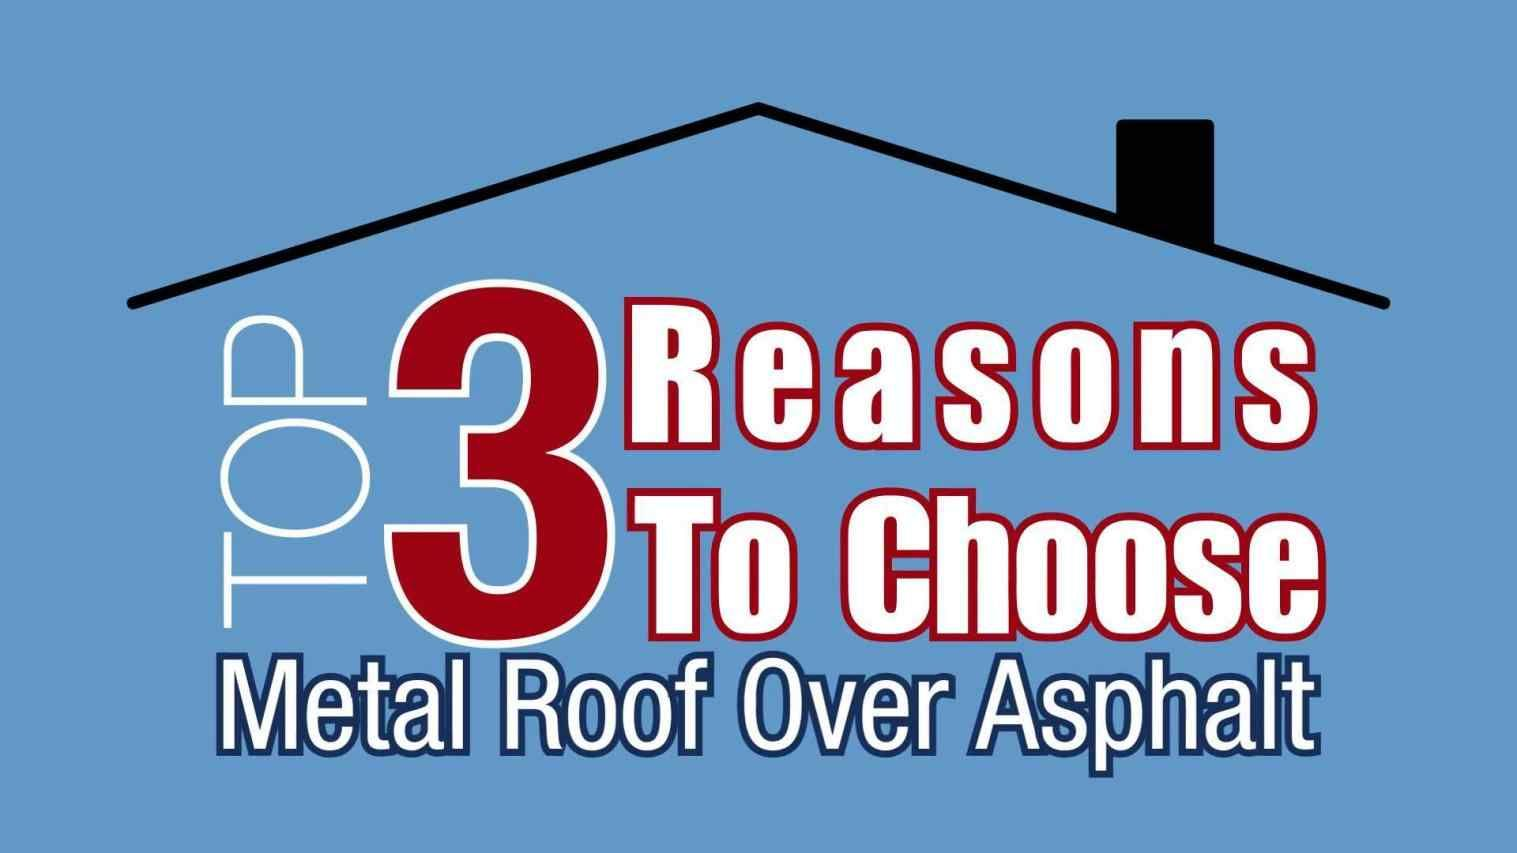 Fiberglass Vs Asphalt Roof Shingles Asphalt roof